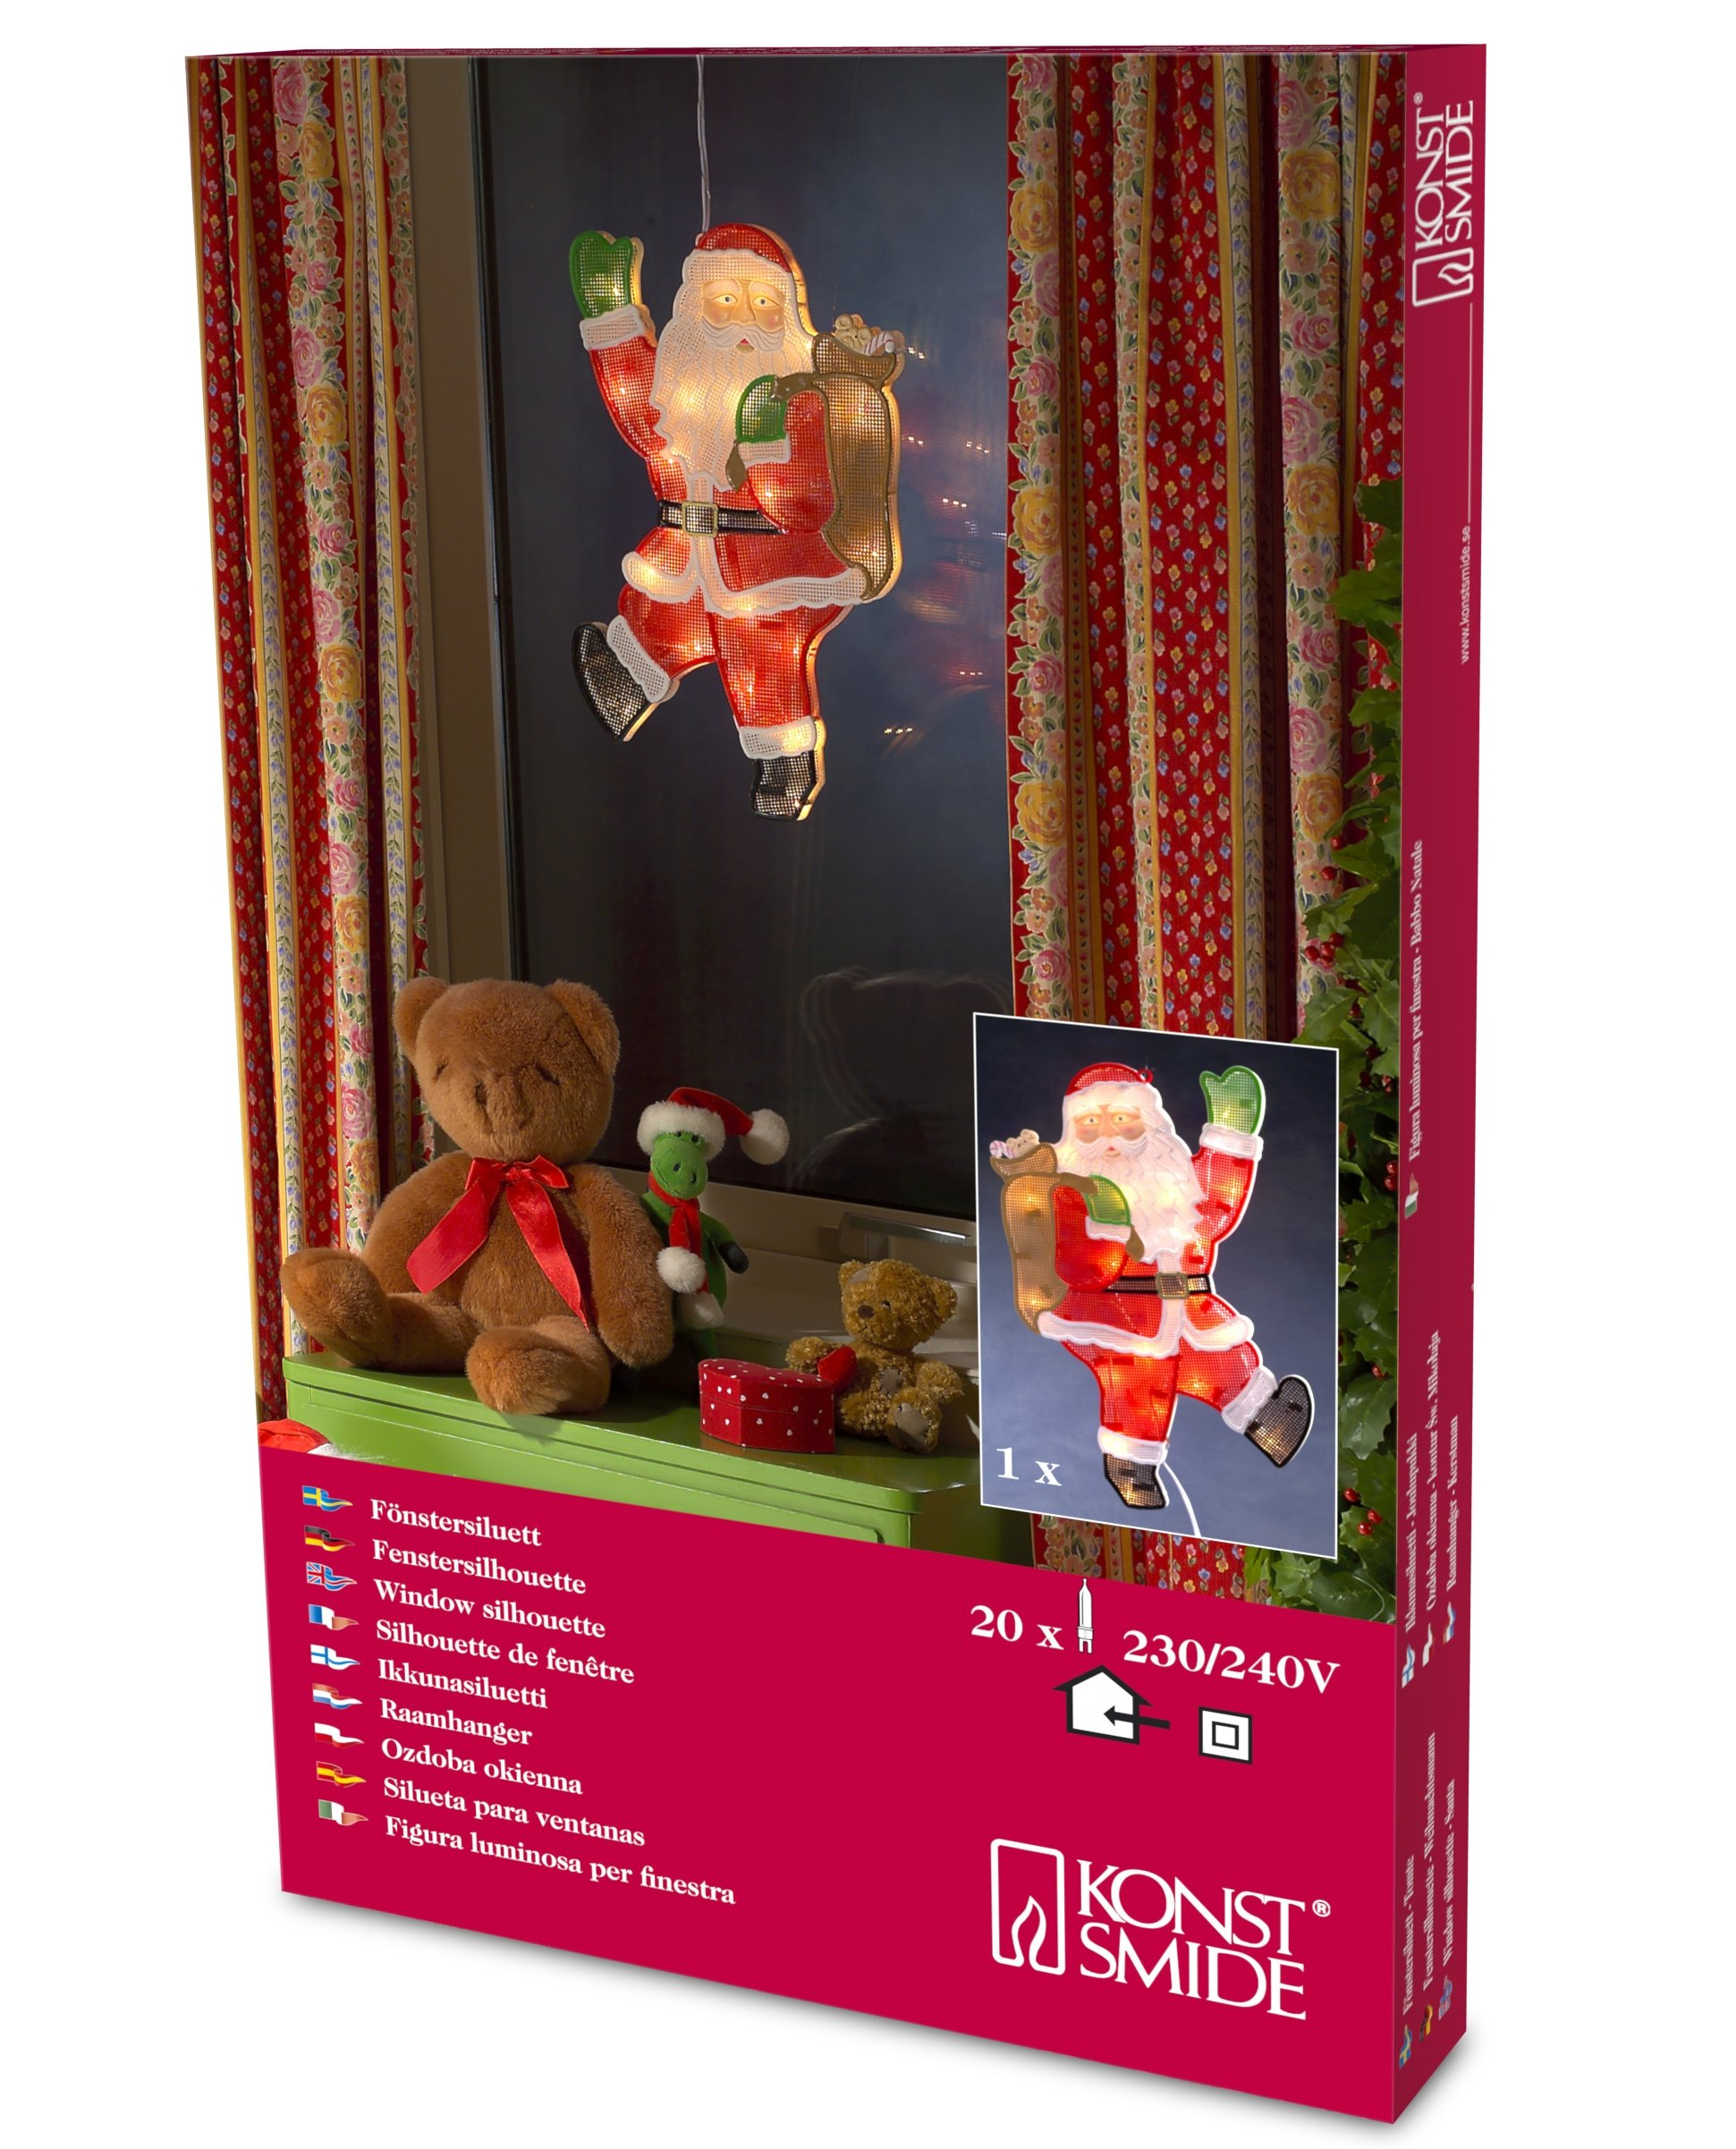 Konstsmide-2850-000-Fensterbild-Weihnachtsmann-fr-Innen-IP20-230V-Innen-20-klare-Birnen-weies-Kabel